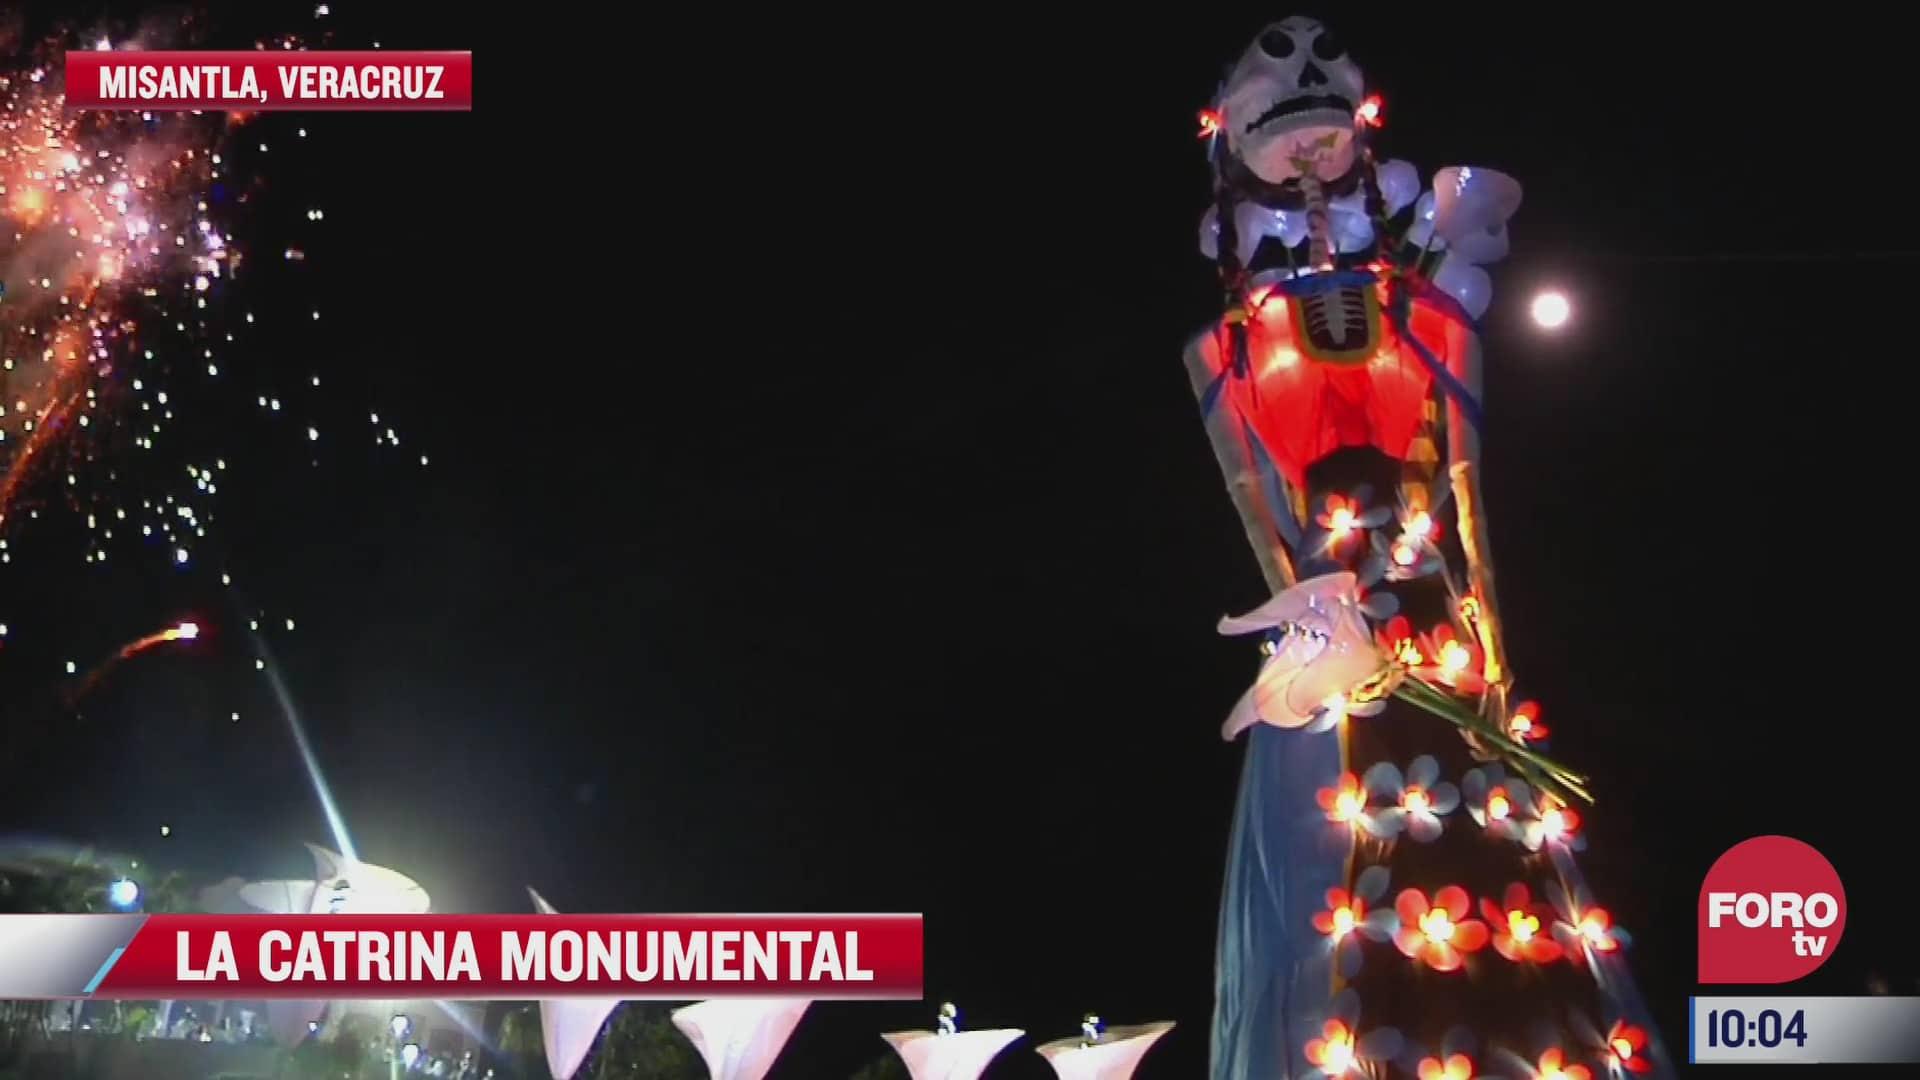 la catrina monumental de misantla veracruz